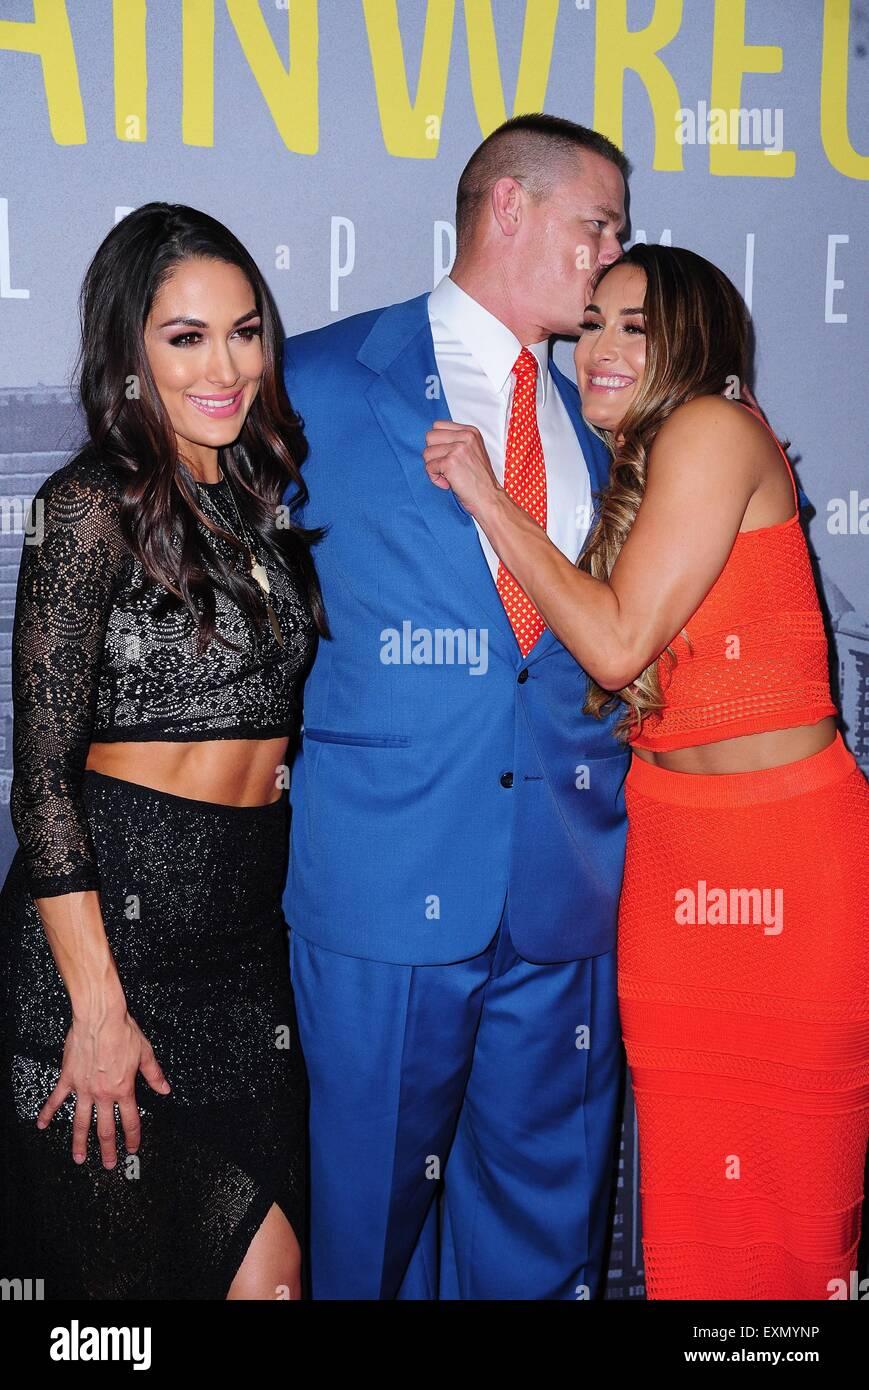 Nikki Bella And John Cena Stock Photos & Nikki Bella And John Cena ...